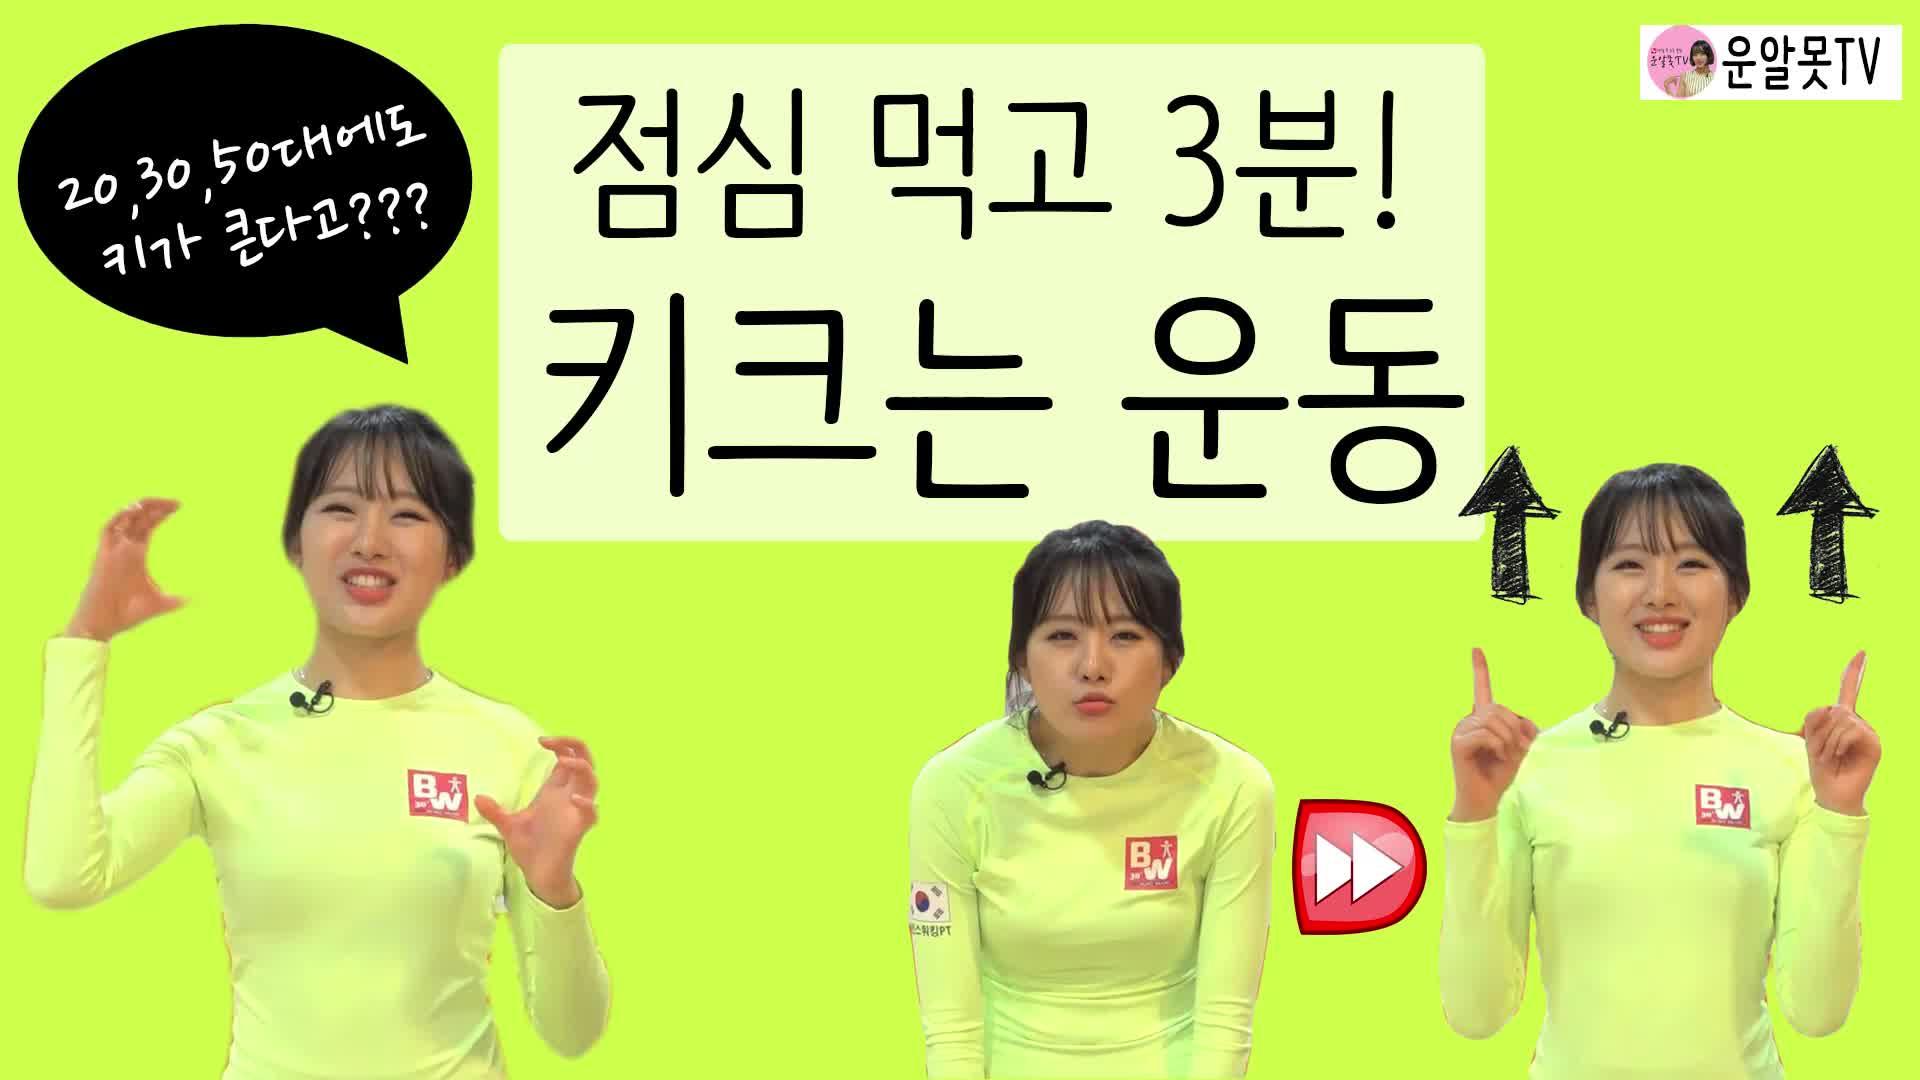 [1분팁] 키크는 운동 점심 먹고 3분으로, 숨은 키 찾기!!!